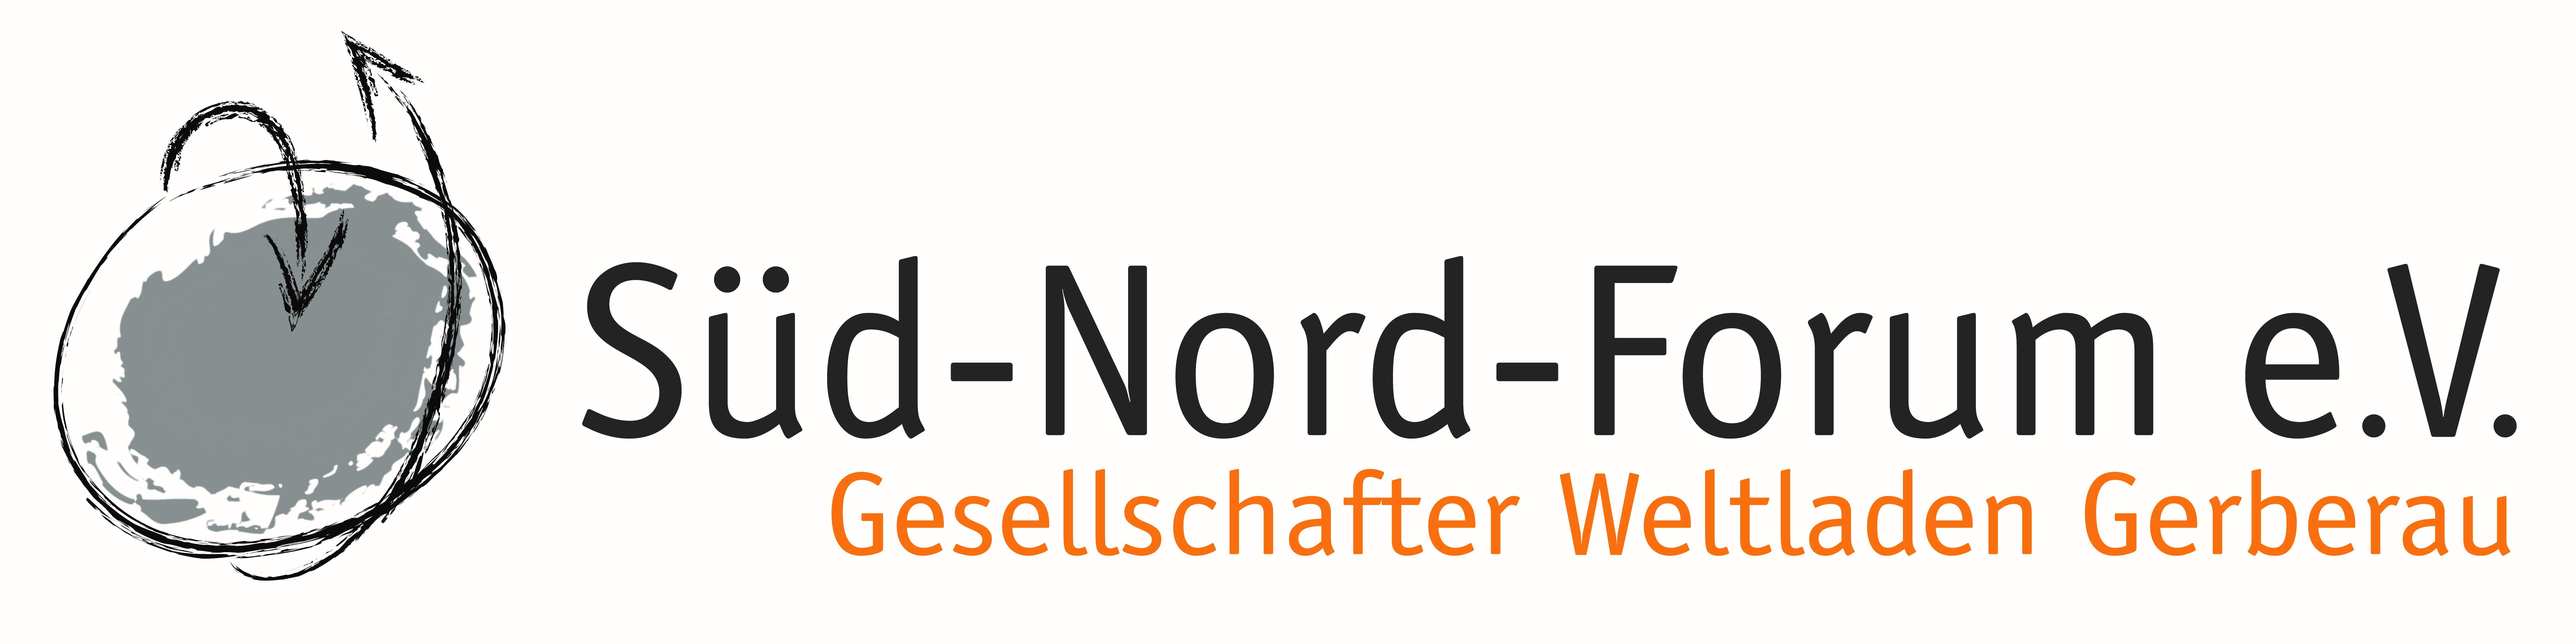 süd-nord-forum freiburg logo.jpg